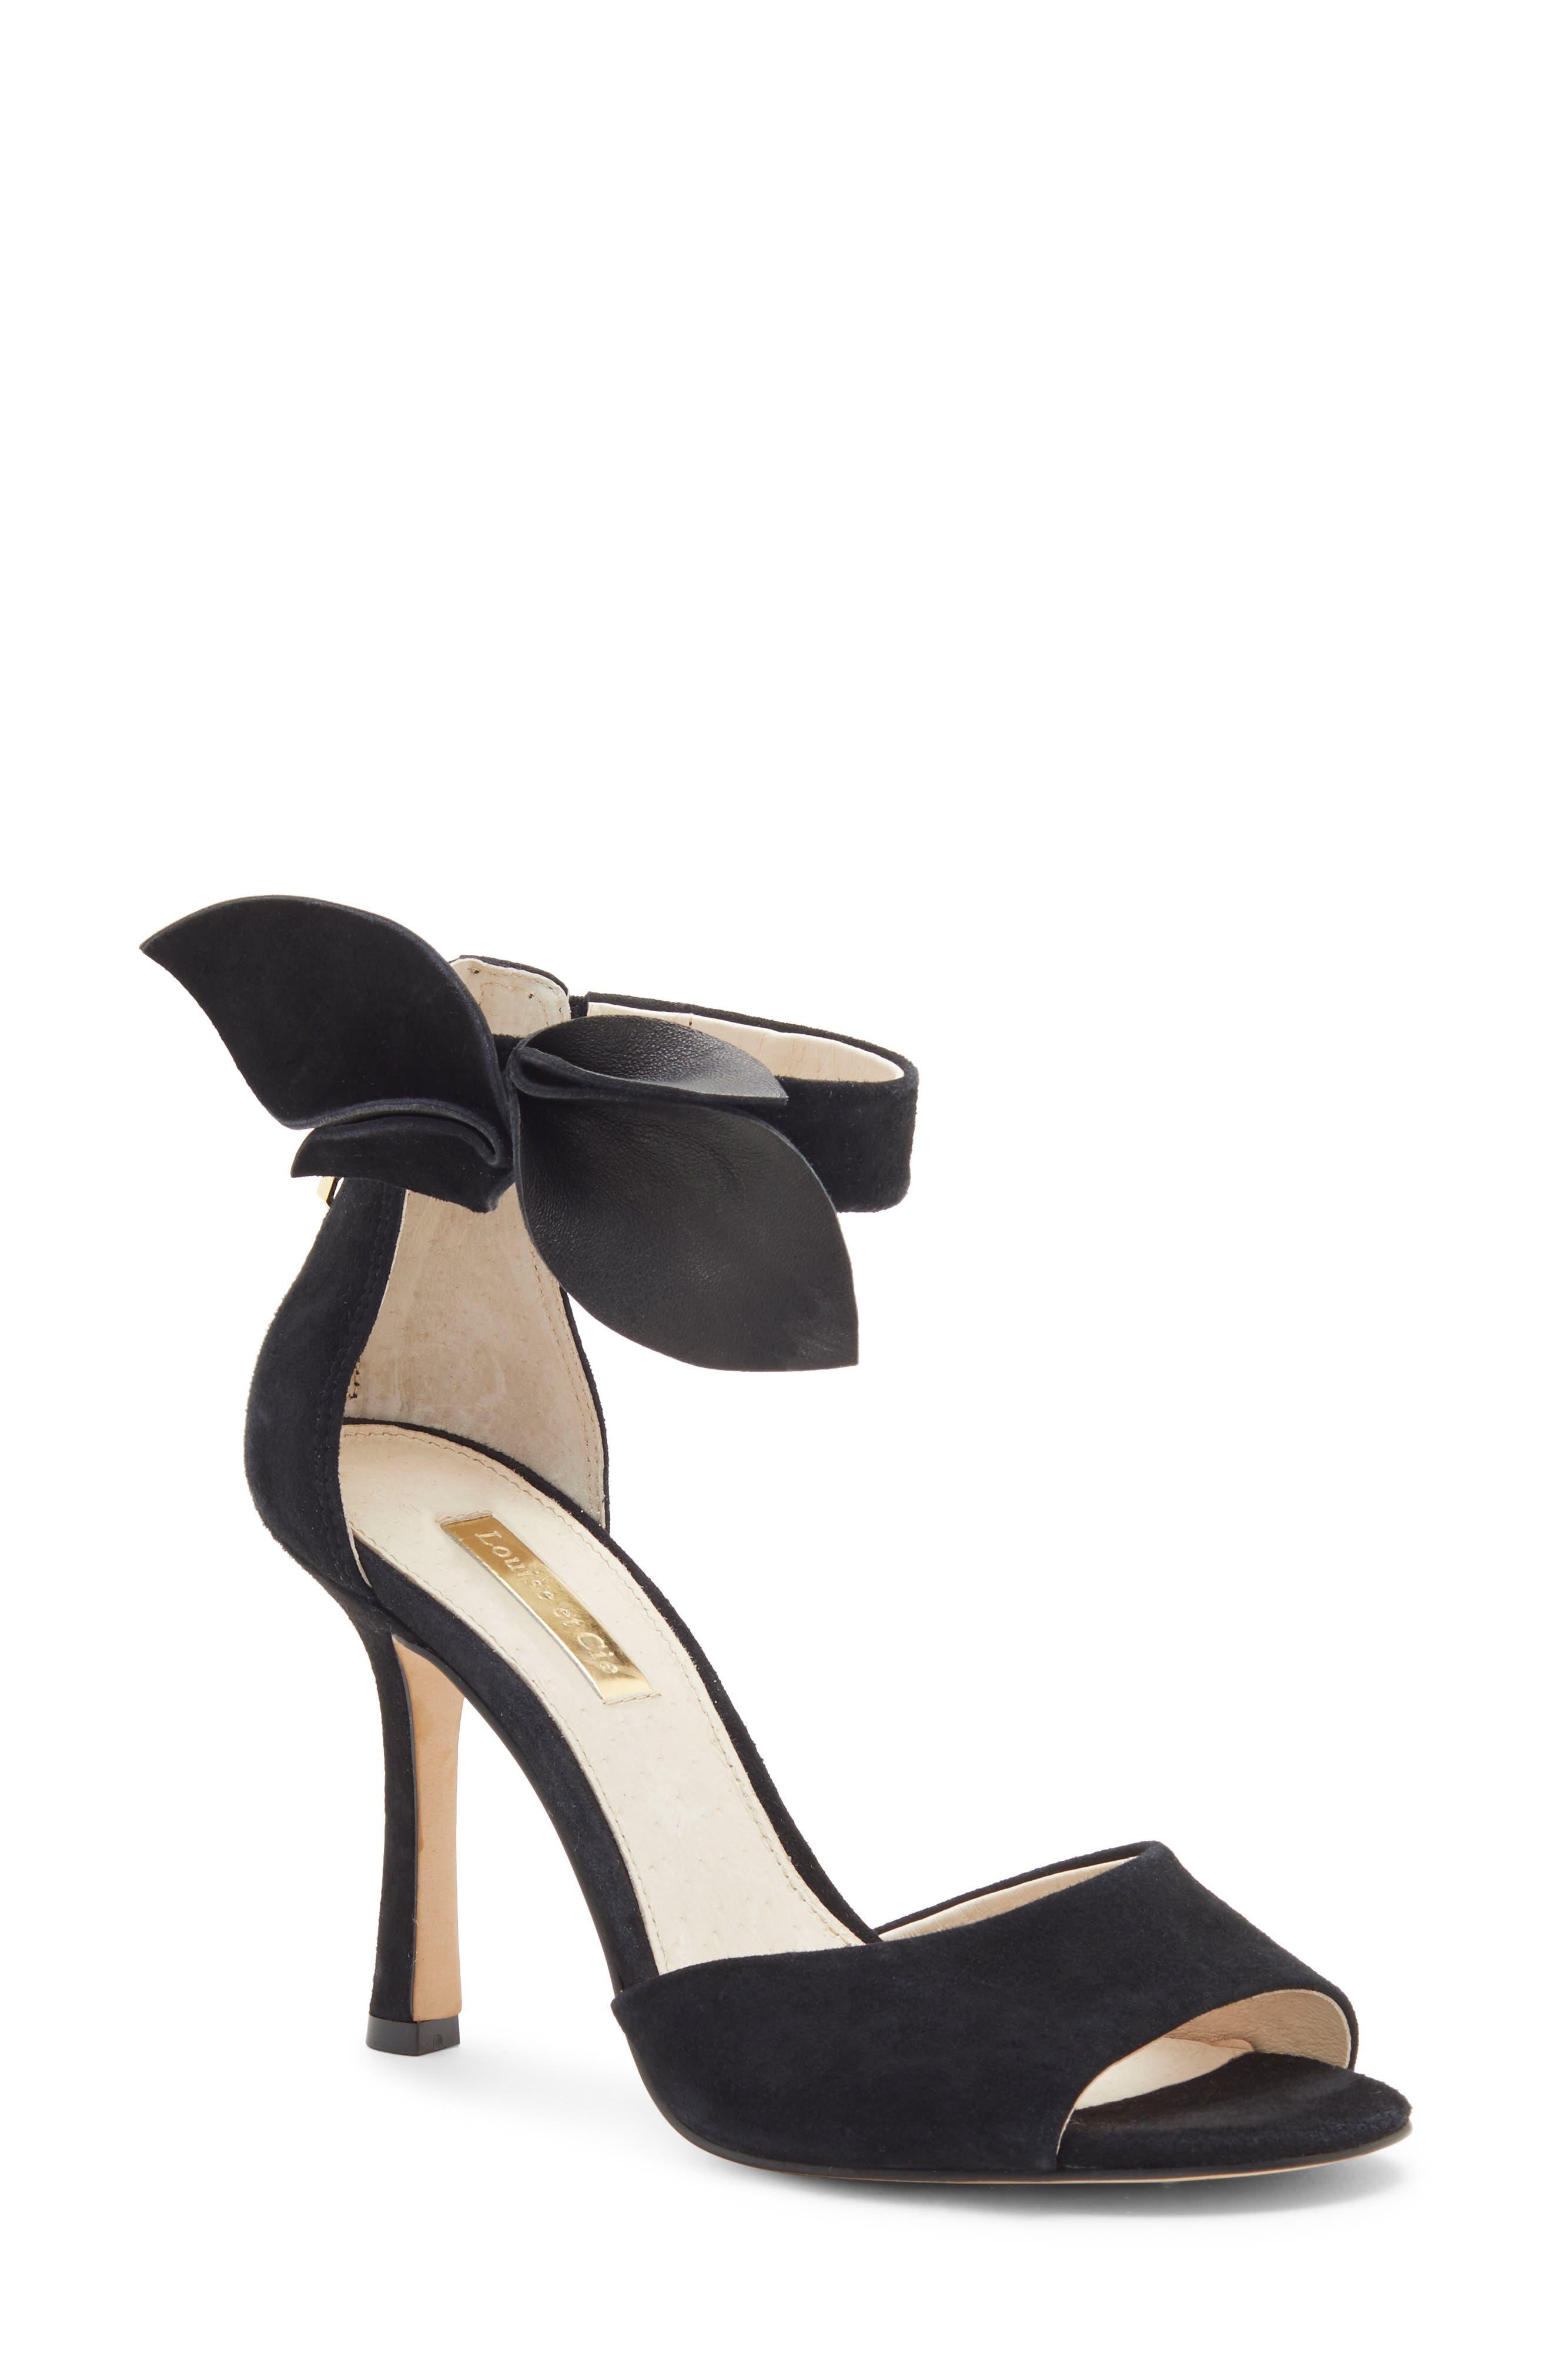 Louise Et Cie Kenbeck Bow Ankle Strap Sandal, Black